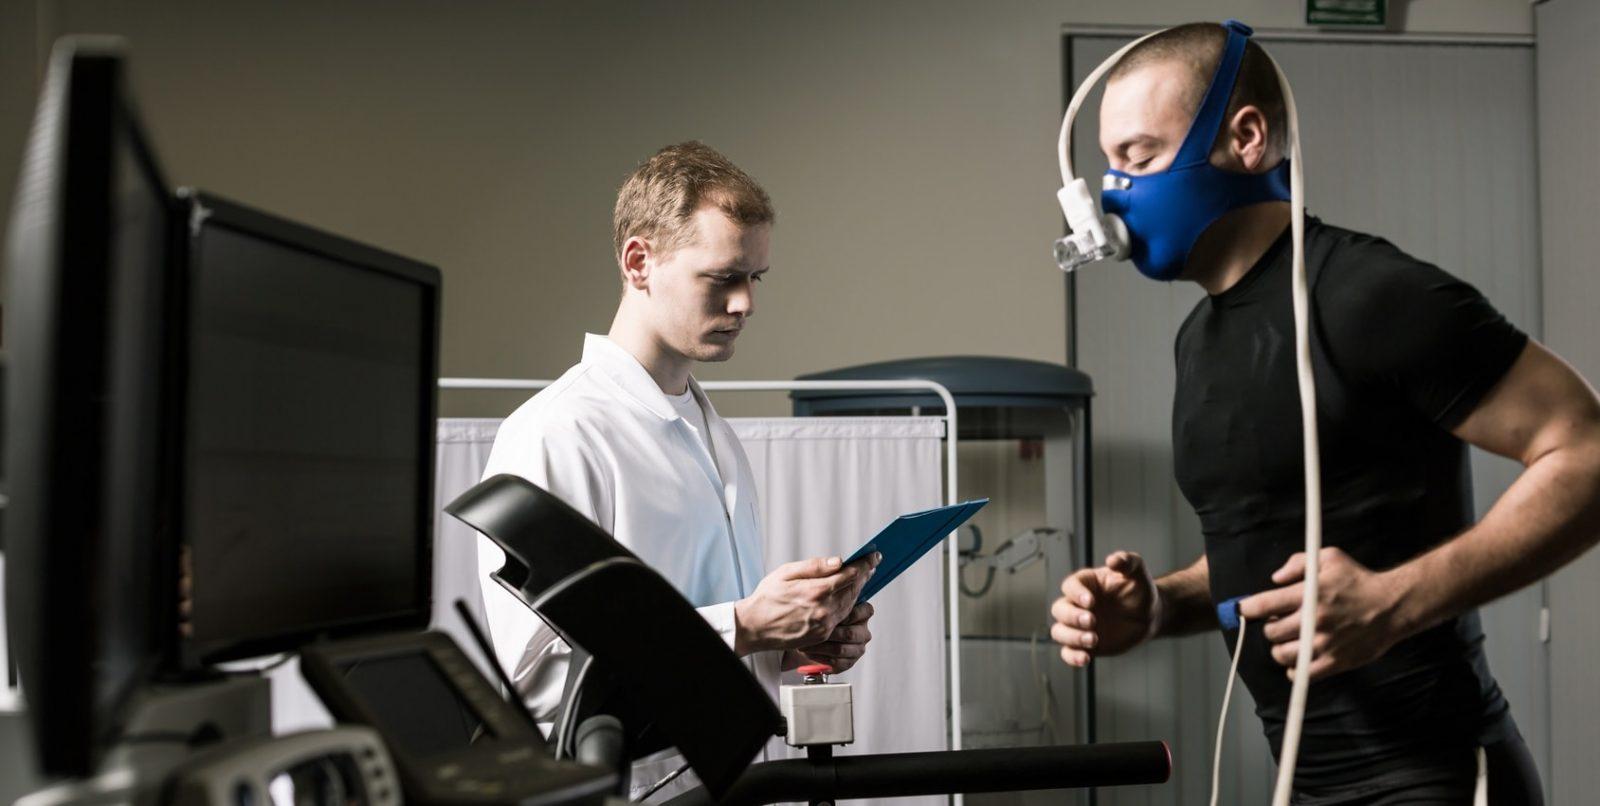 Врач контролирует дыхательные параметры (расход кислорода) в теле спортсмена, который бежит на беговой дорожке в специальной маске